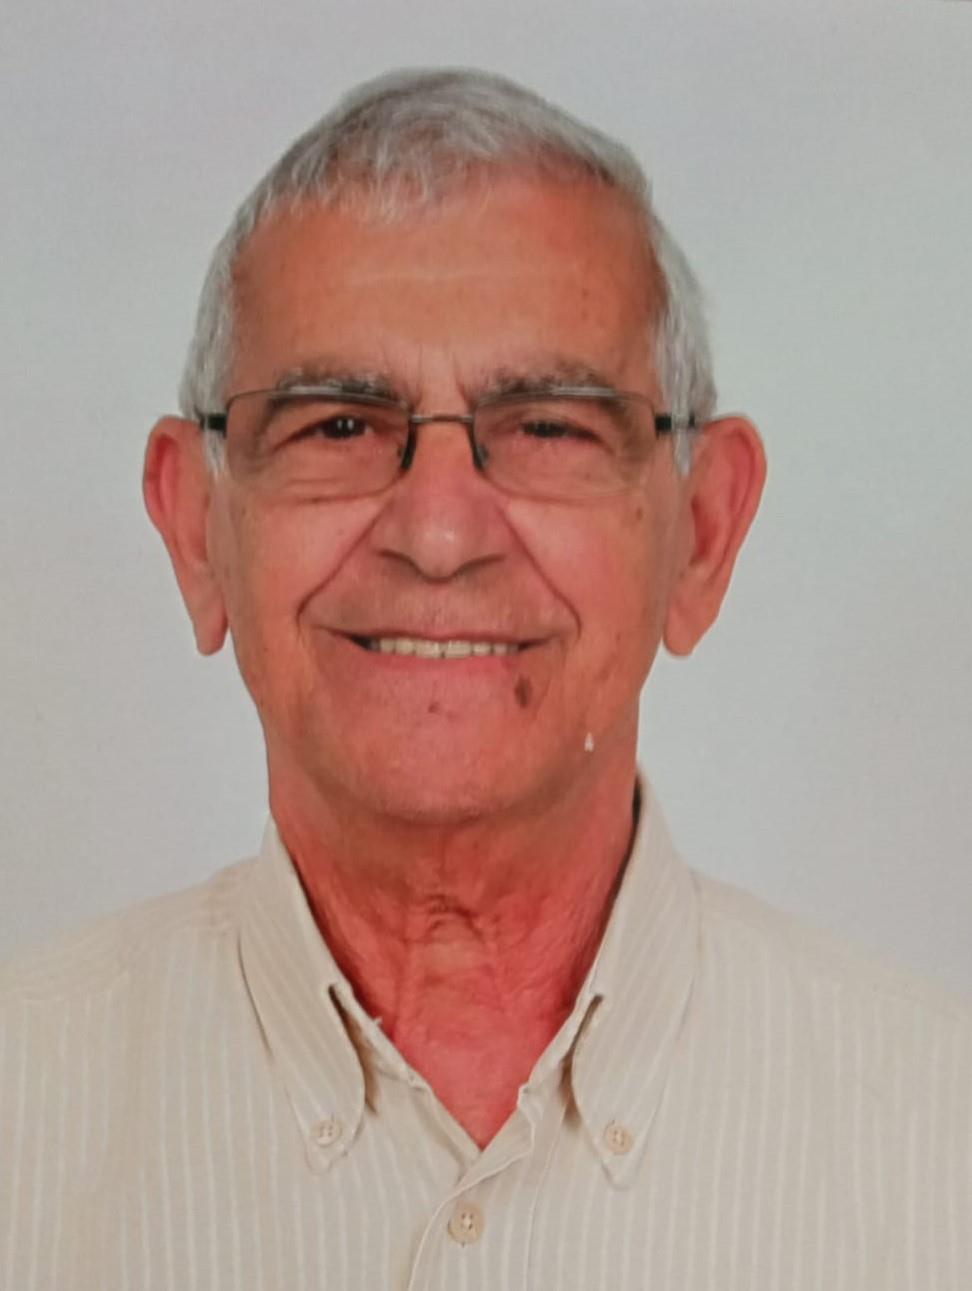 Fernando José Costa da Graça